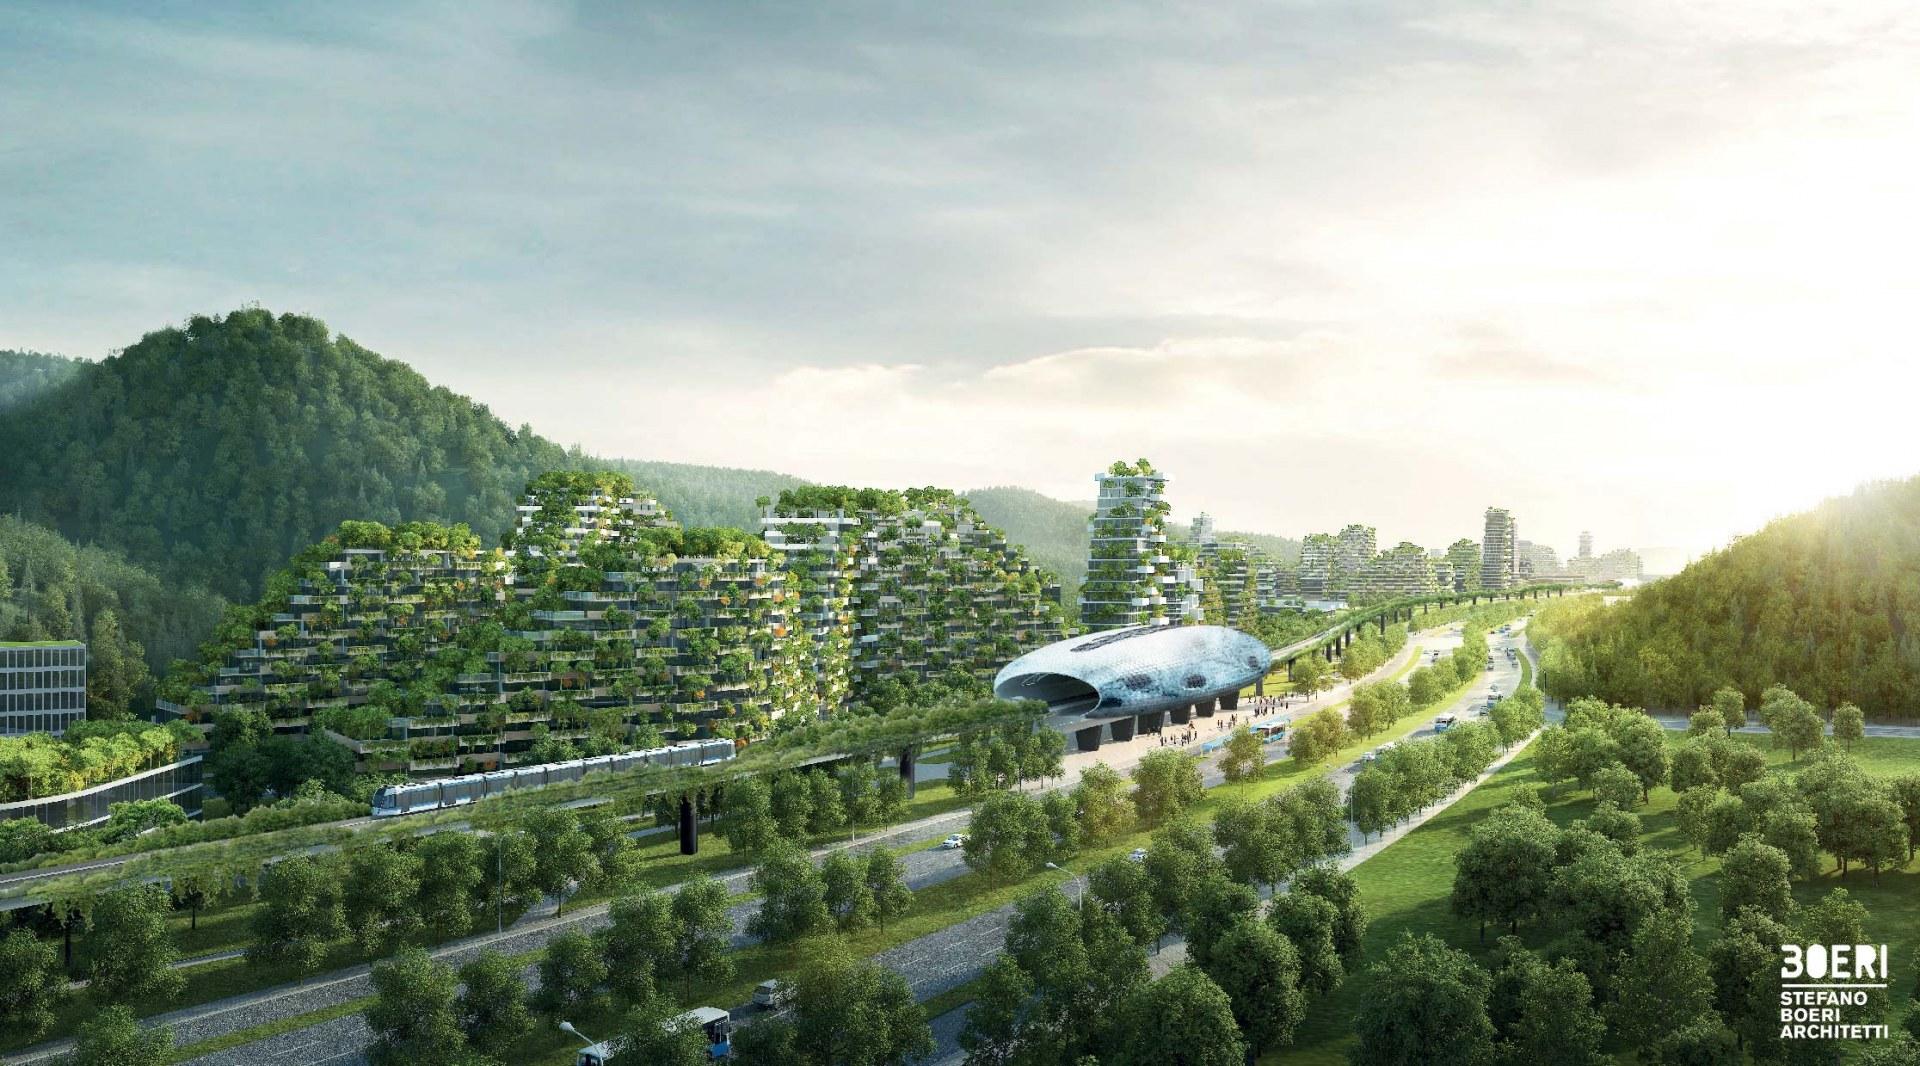 La città è pensata per accogliere 30.000 persone /  Stefano Boeri Architetti